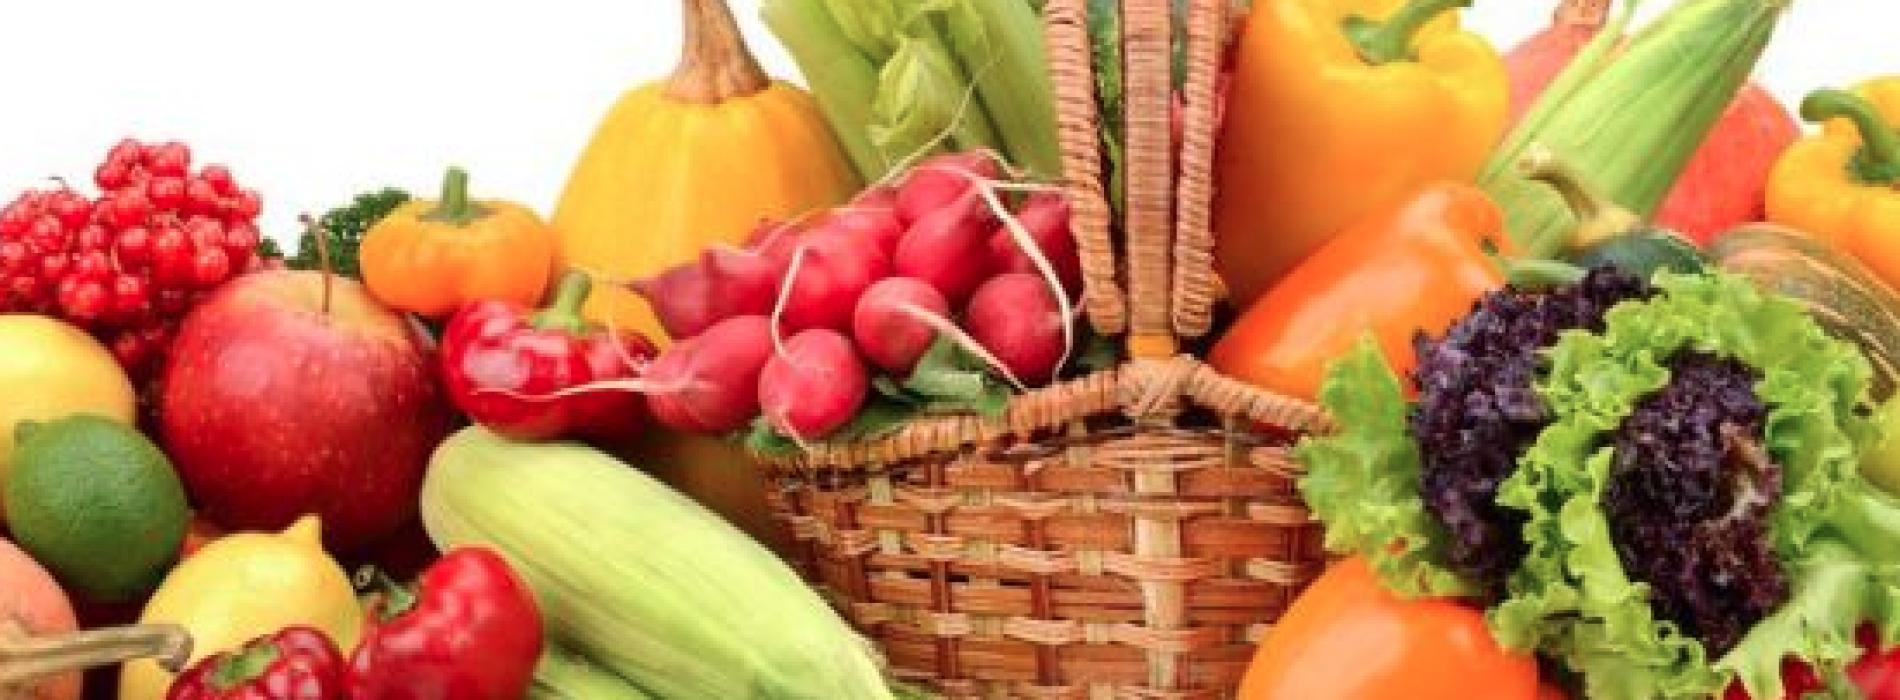 I colori della dieta, frutta e verdura a tavola quotidianamente